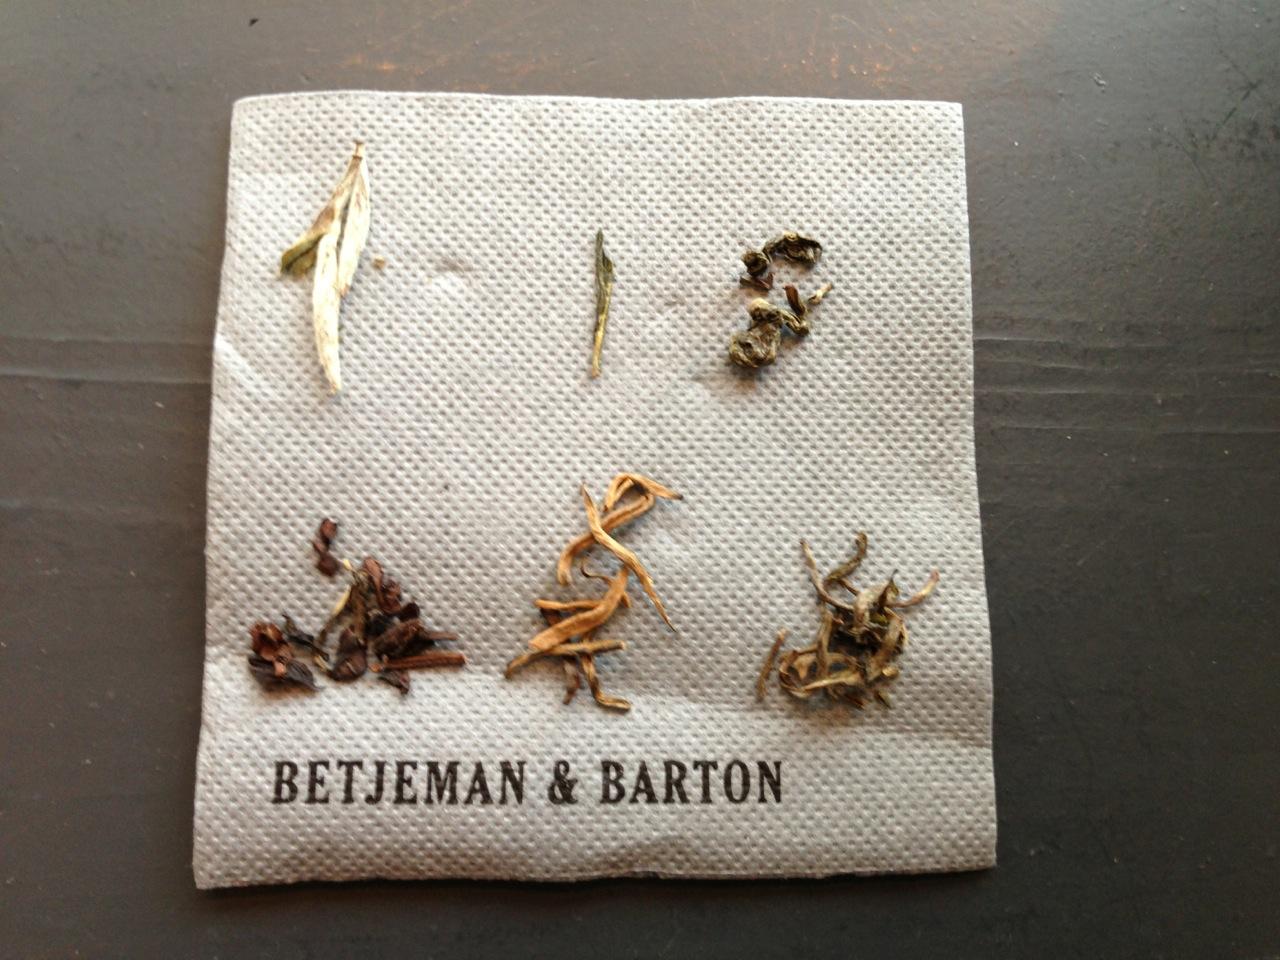 aanrader: theeproeven bij Betjeman & Barton